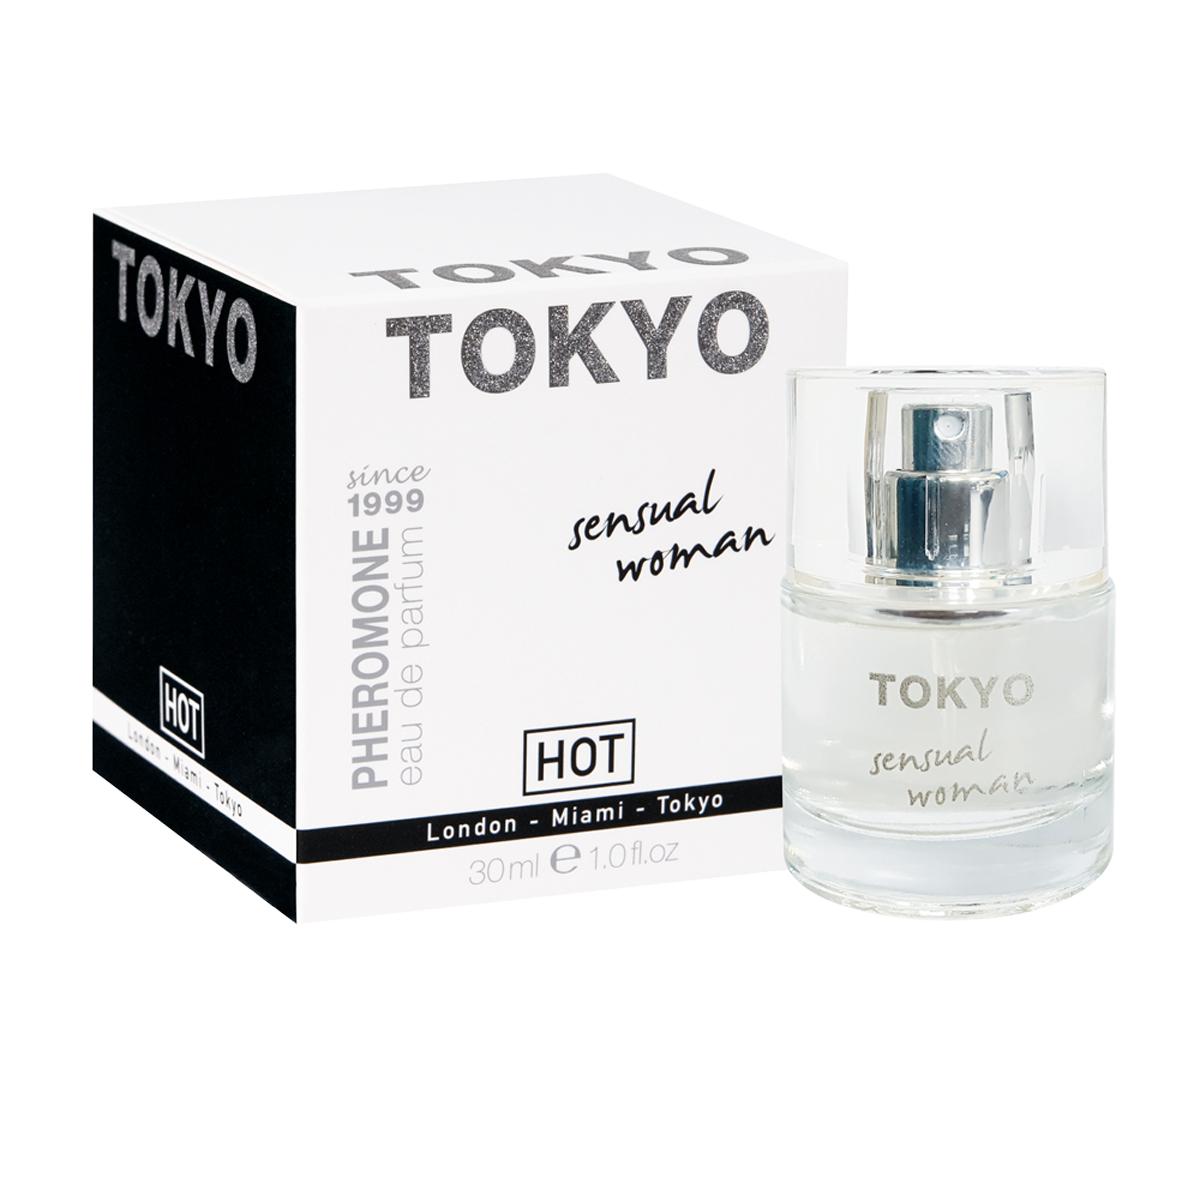 Hot Женские духи с феромонами Tokyo sensual, 30 мл55113Базовые ноты креативного и динамичного Токио - опопонакс и ветивер. Свежесть и легкость этого нон-стоп города дадут ощутить апельсин, мандарин и мимоза.